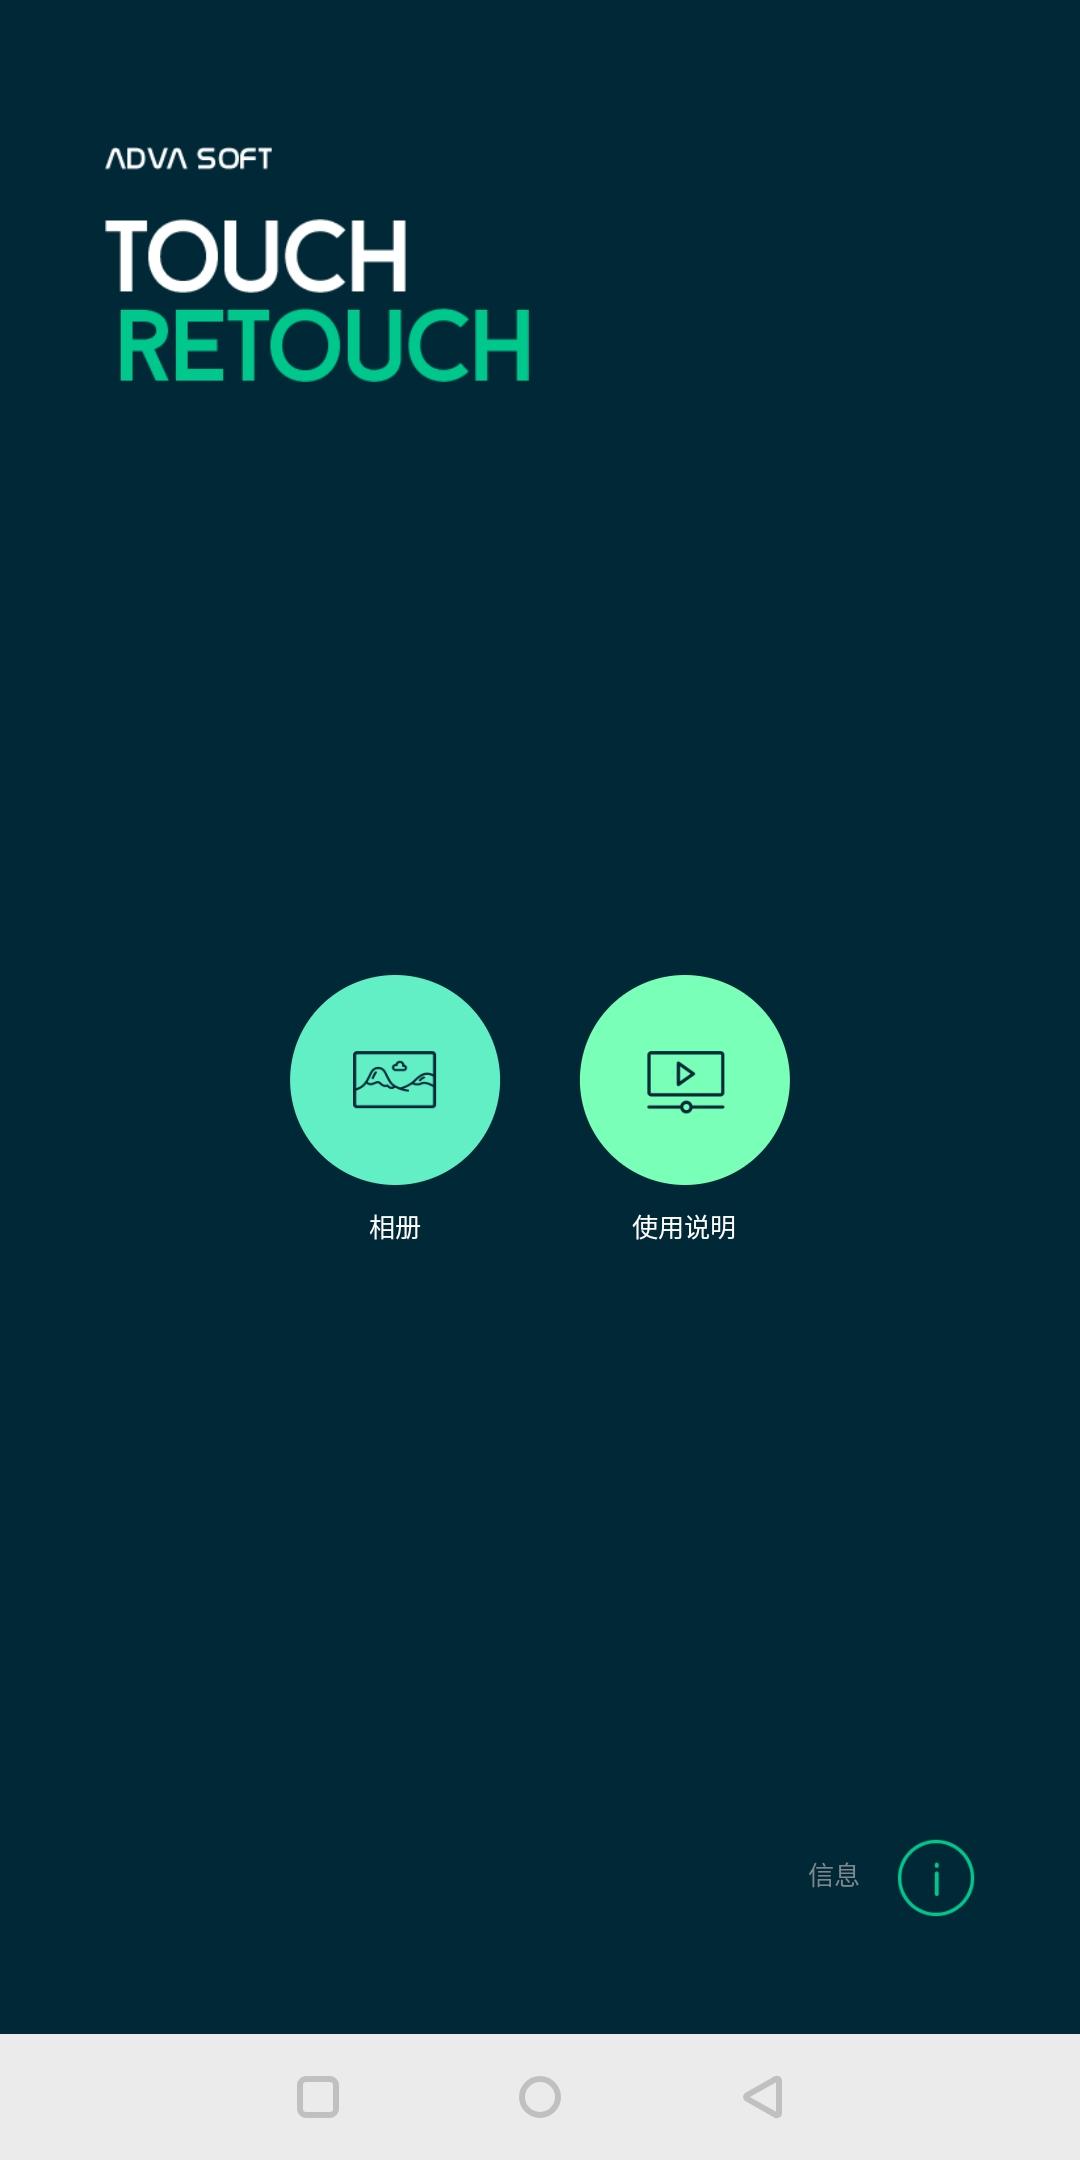 【分享】去水印大师破解版 v4.3.0 抠图神器